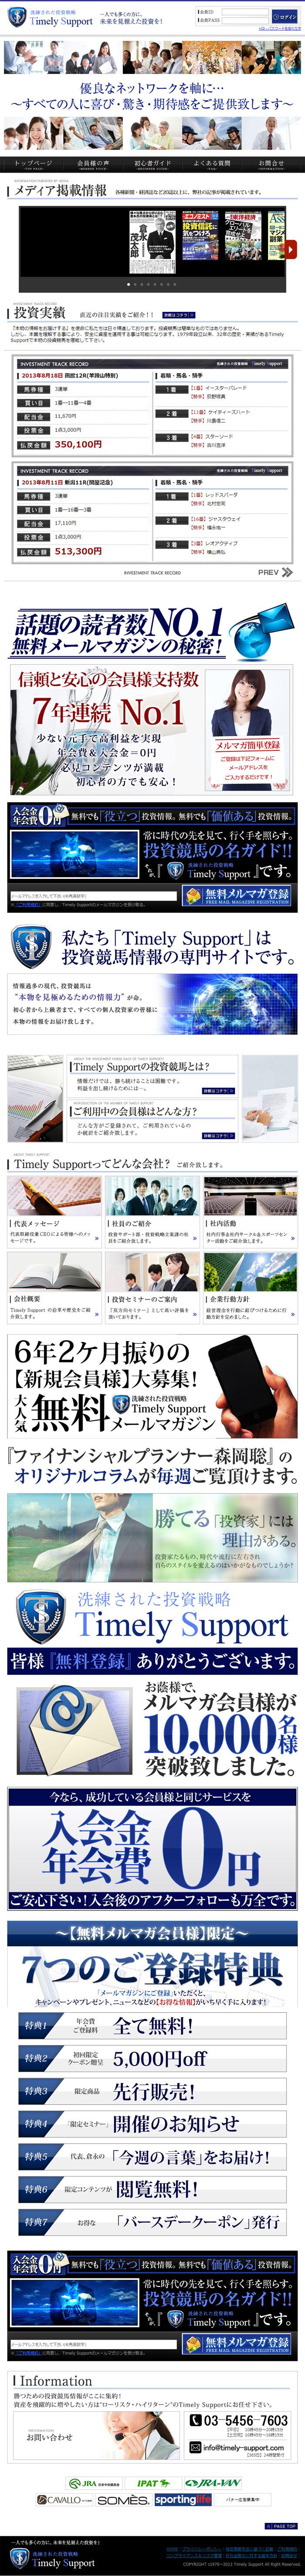 タイムリーサポート(Timely Support)